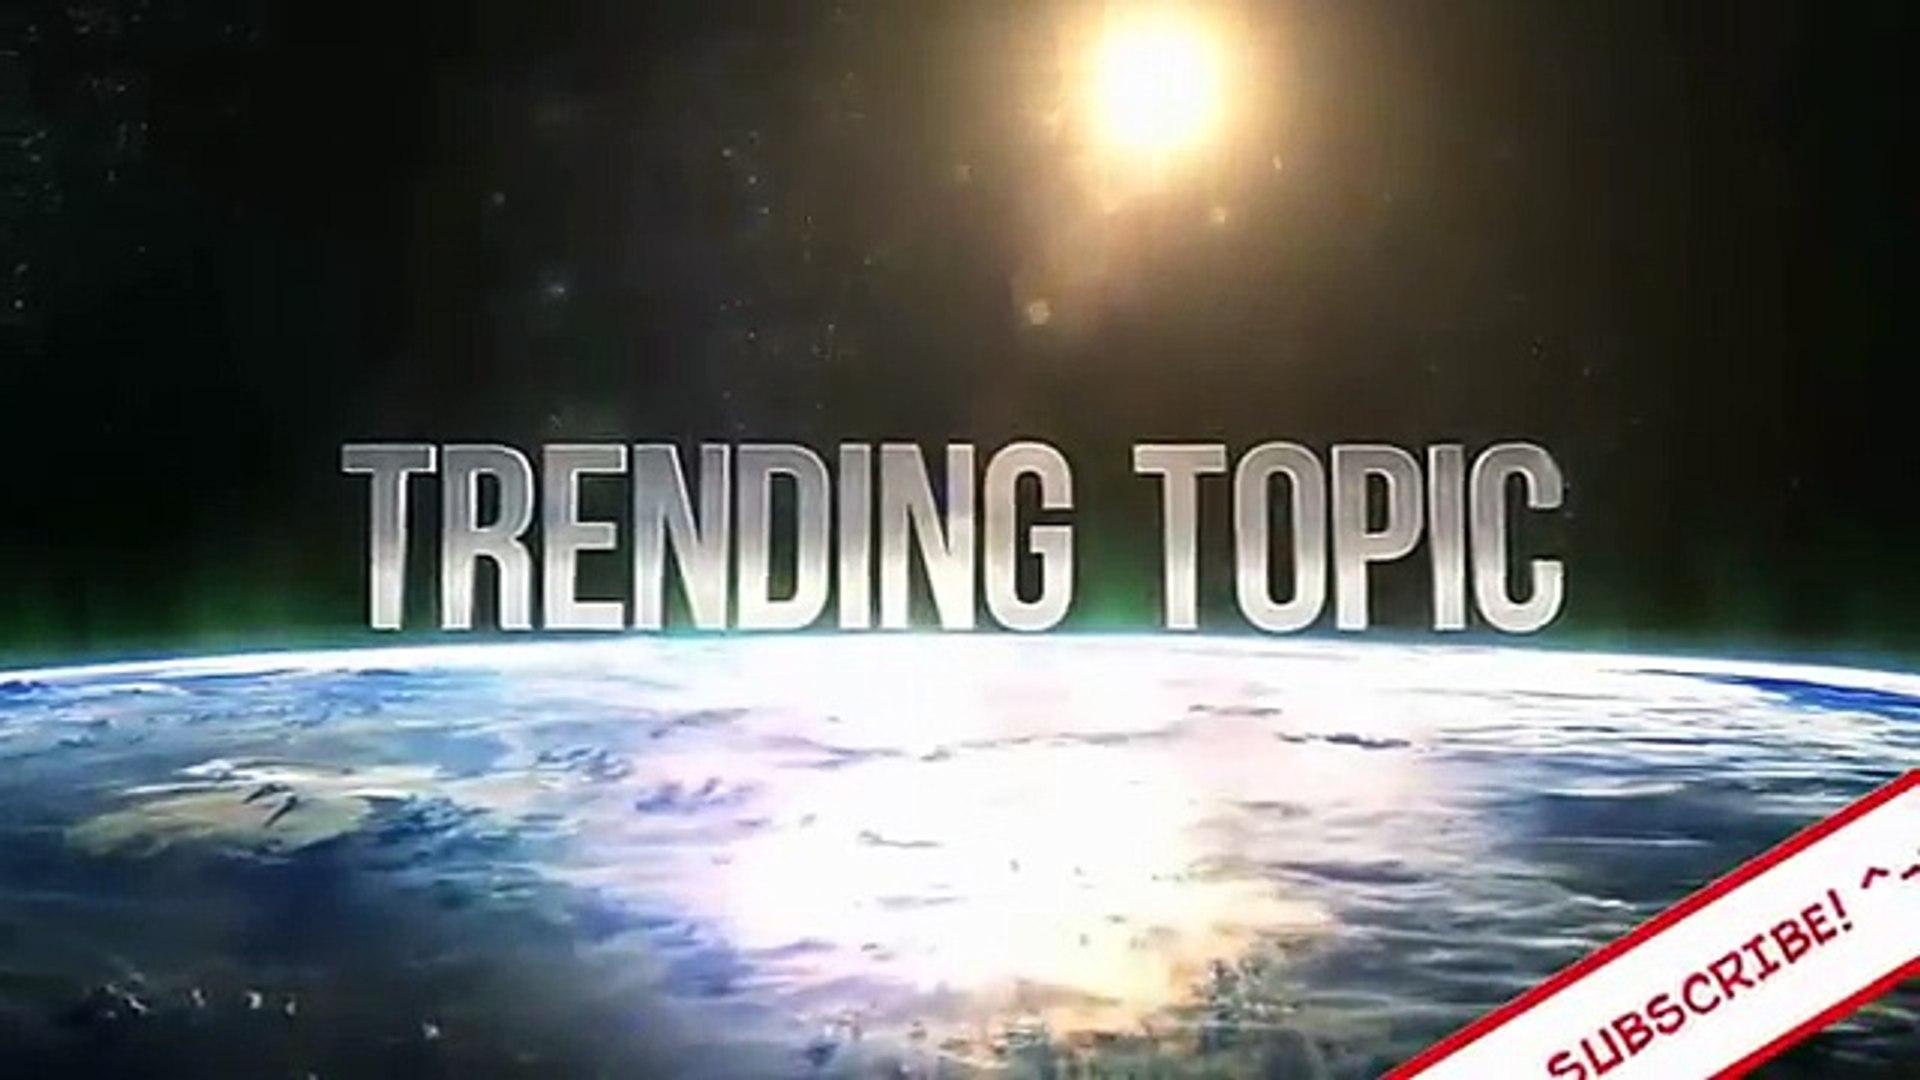 Trending Topic New Intro